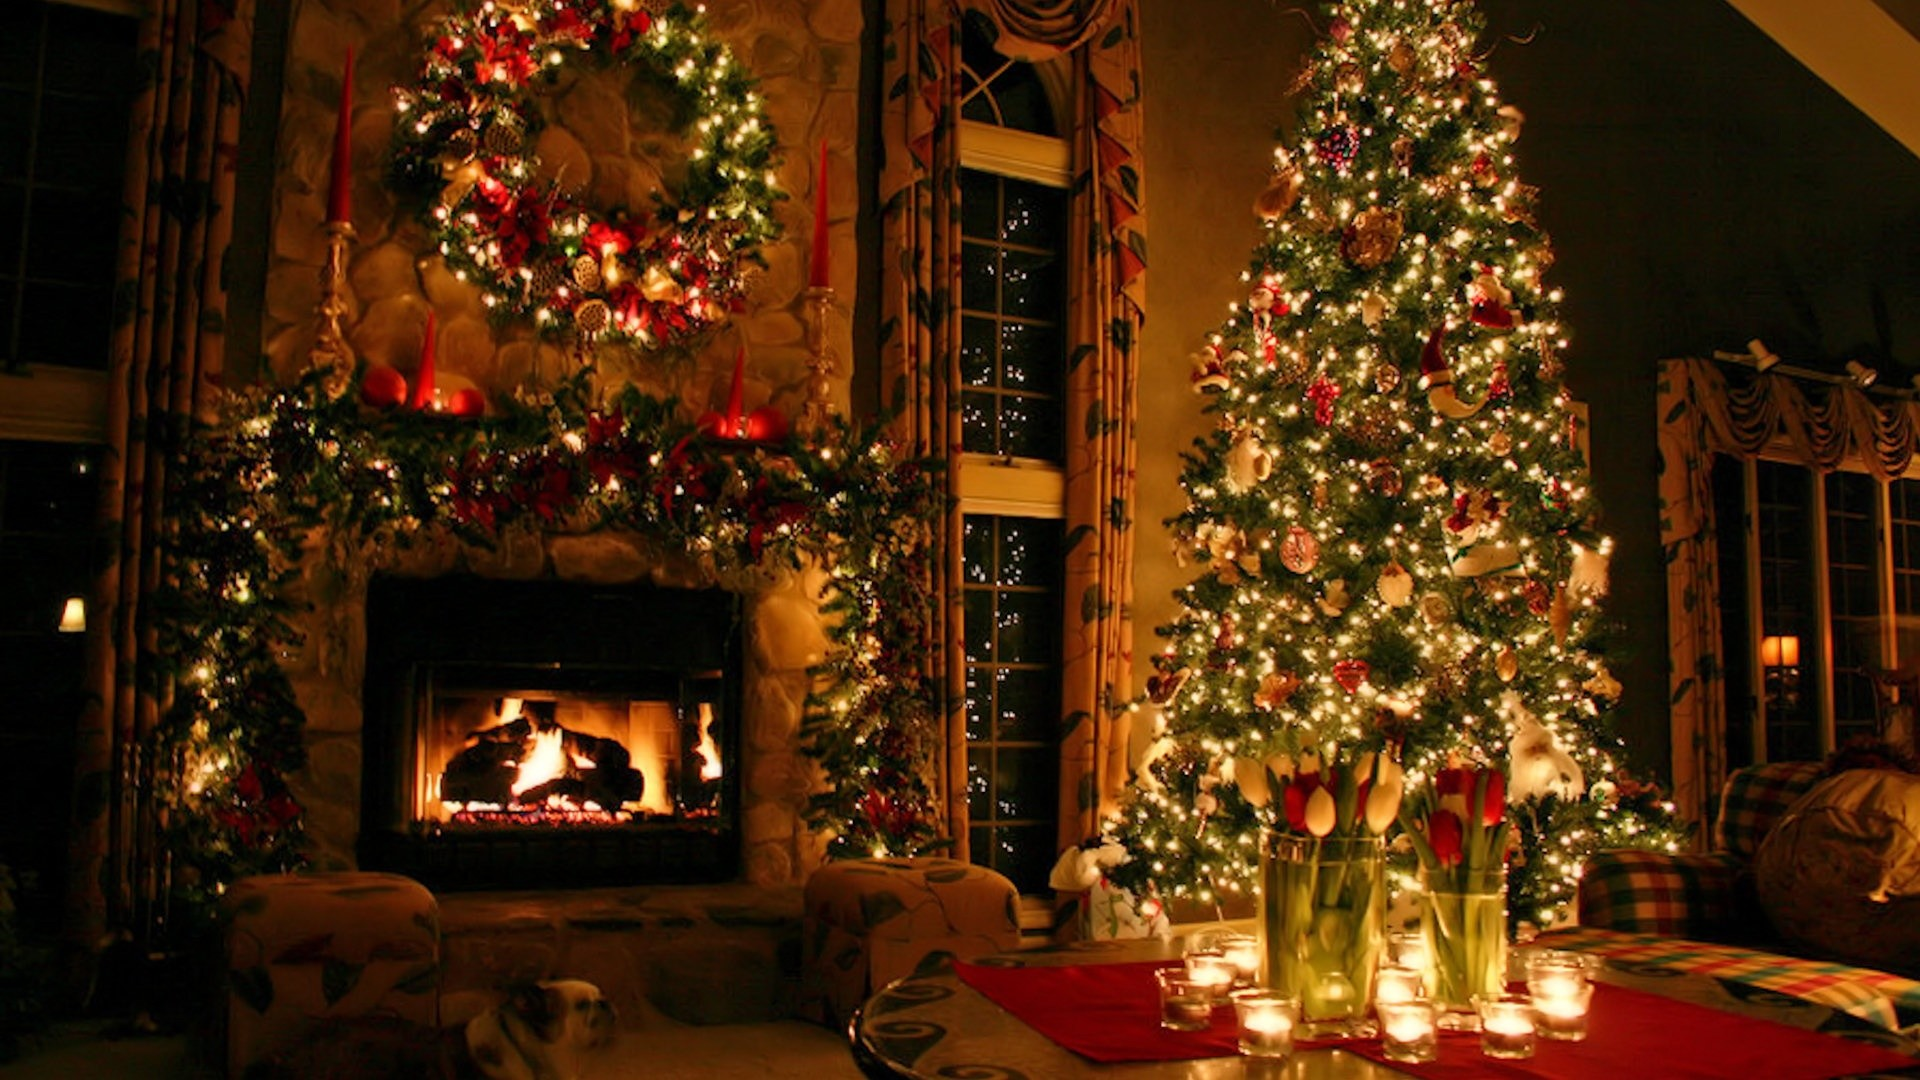 christmas tree - Christmas Computer Wallpaper